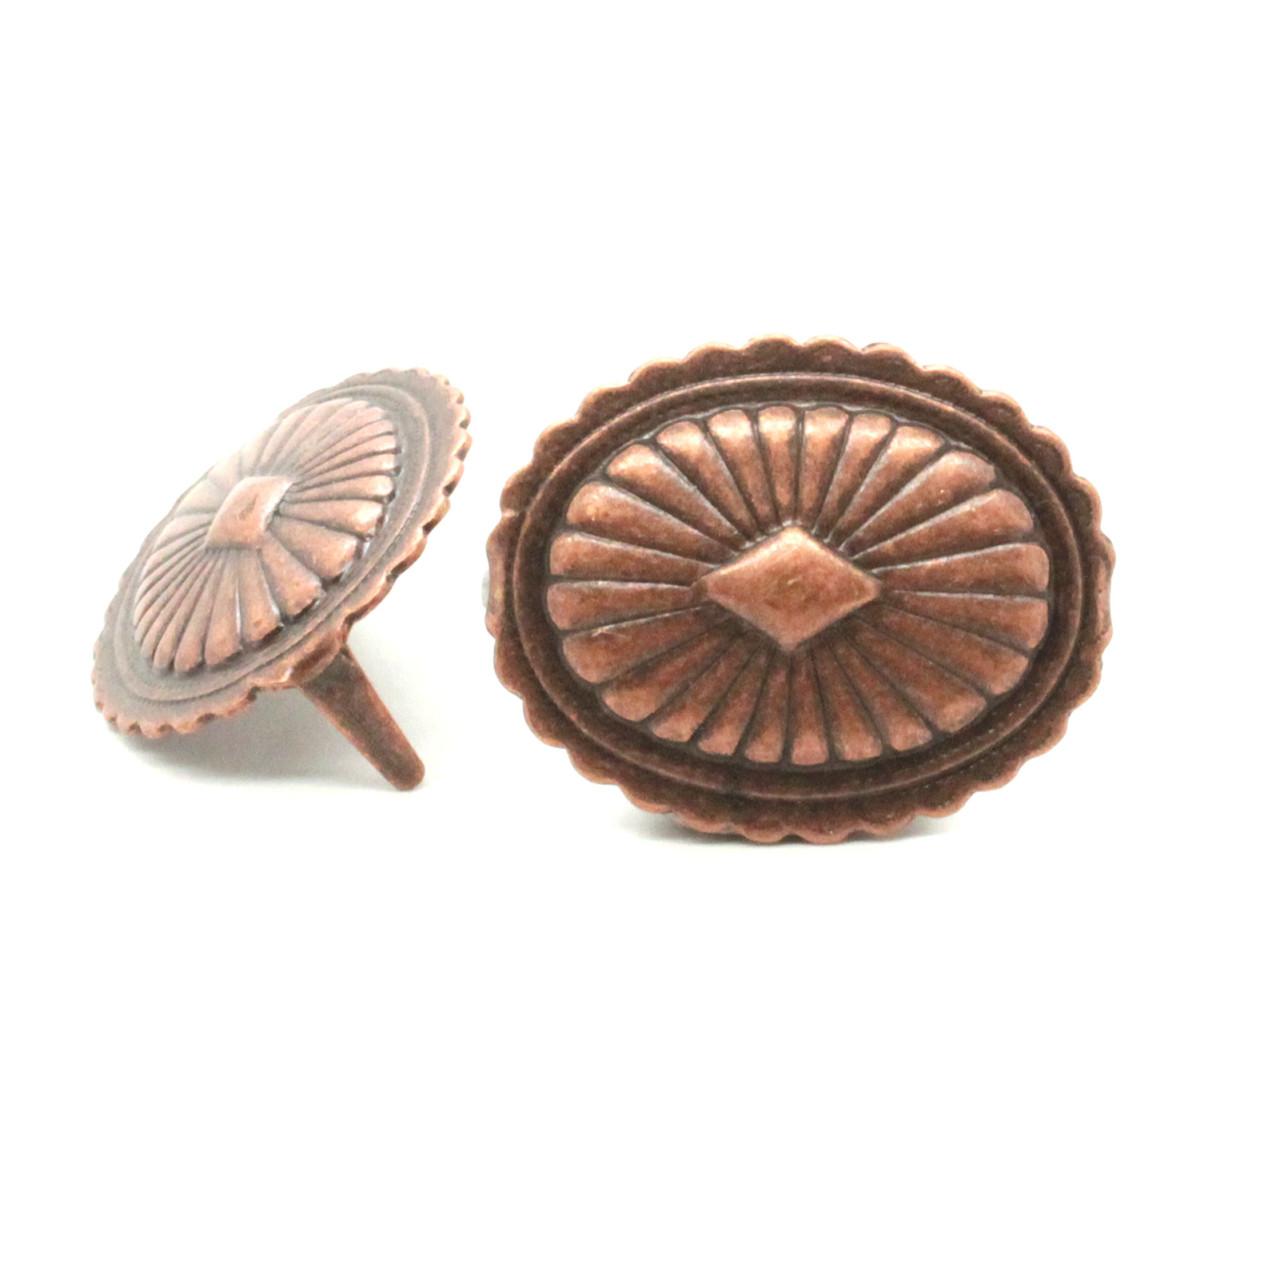 Santa Fe Oval Parachute Copper Antique Copper Spot 10 Pak NH54715-10